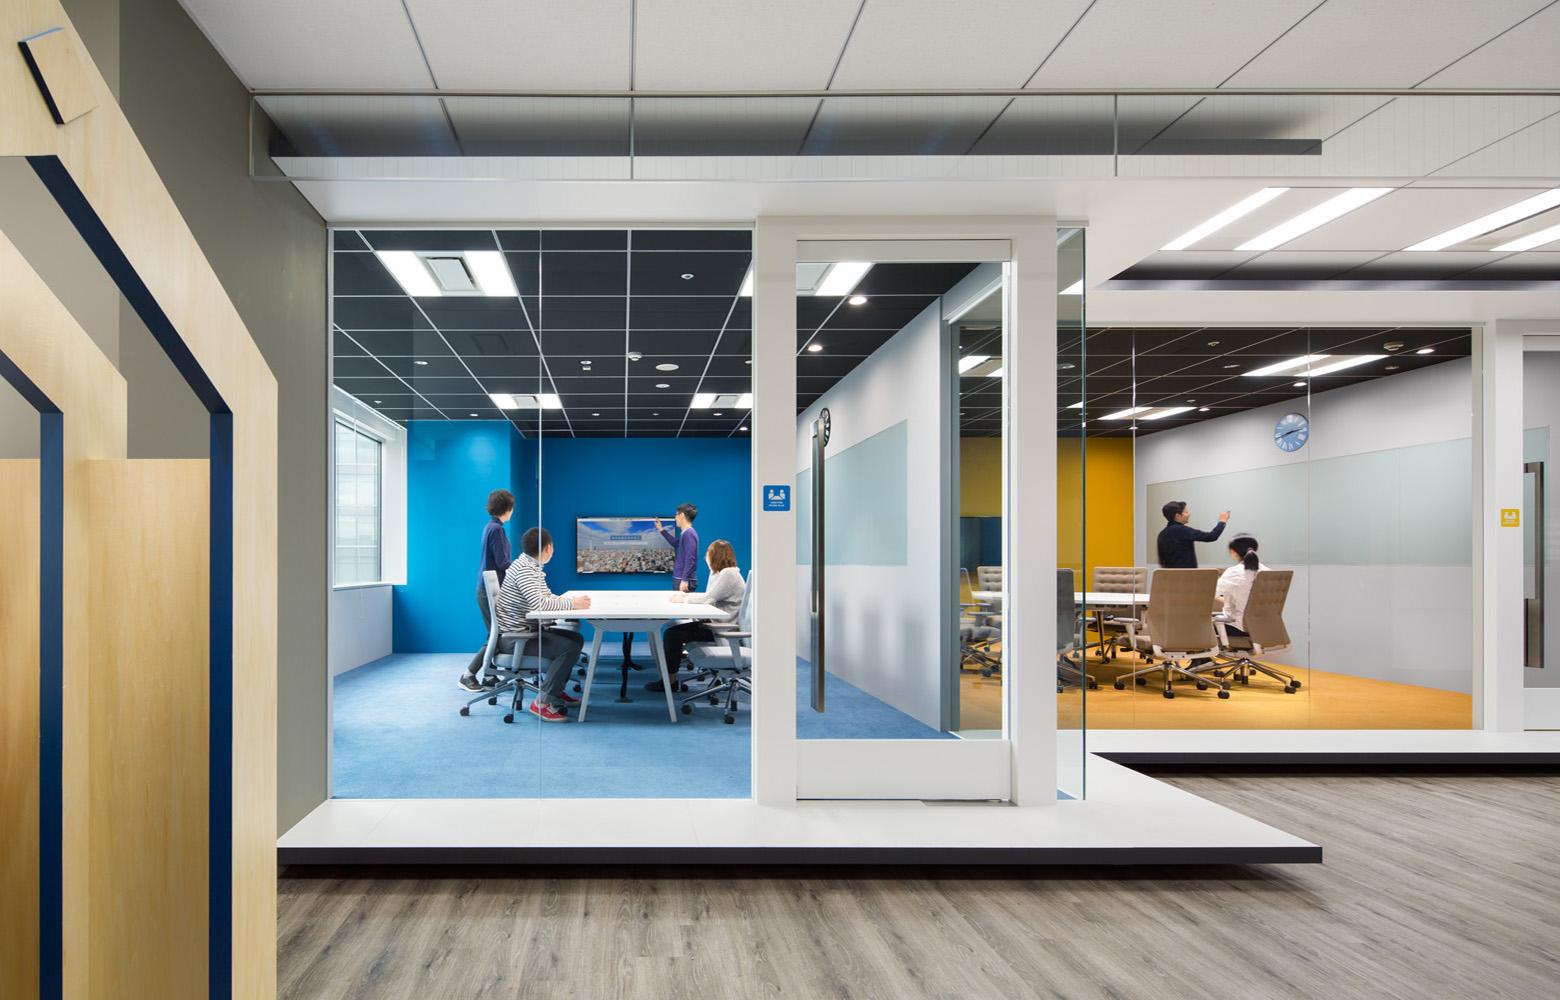 株式会社NTTデータMSE Yokohama Office Meeting Room_2 デザイン・レイアウト事例